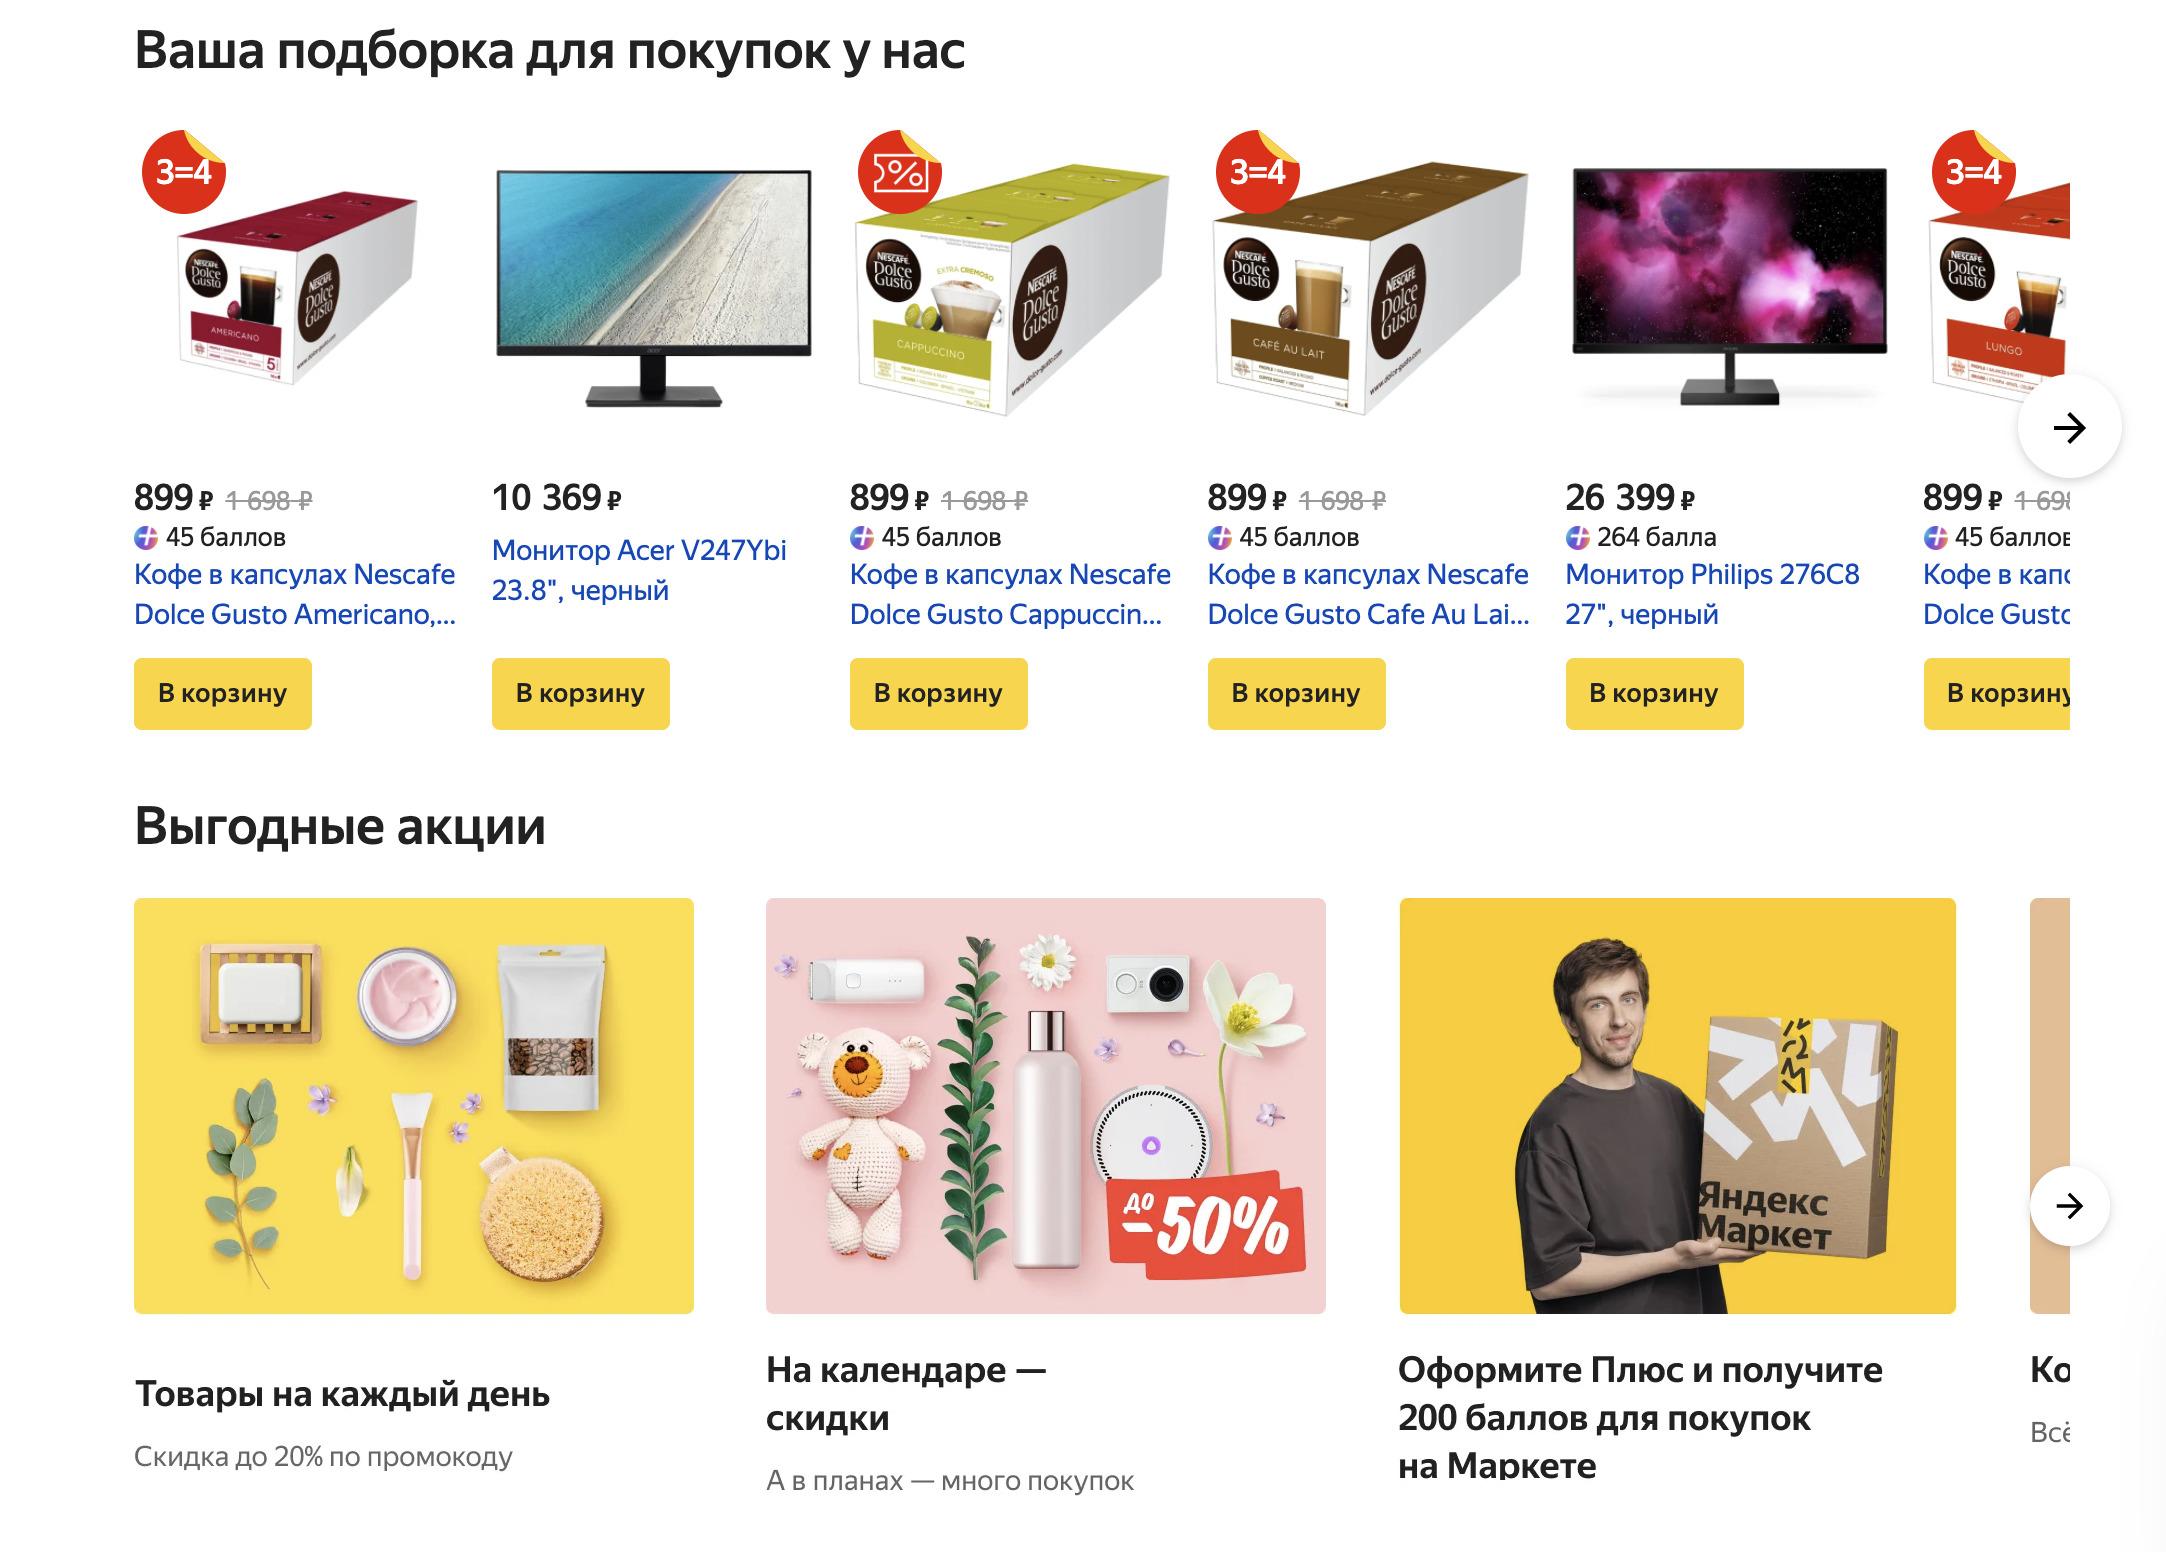 Доставка из Яндекс.Маркет в Улан-Удэ, сроки, пункты выдачи, каталог